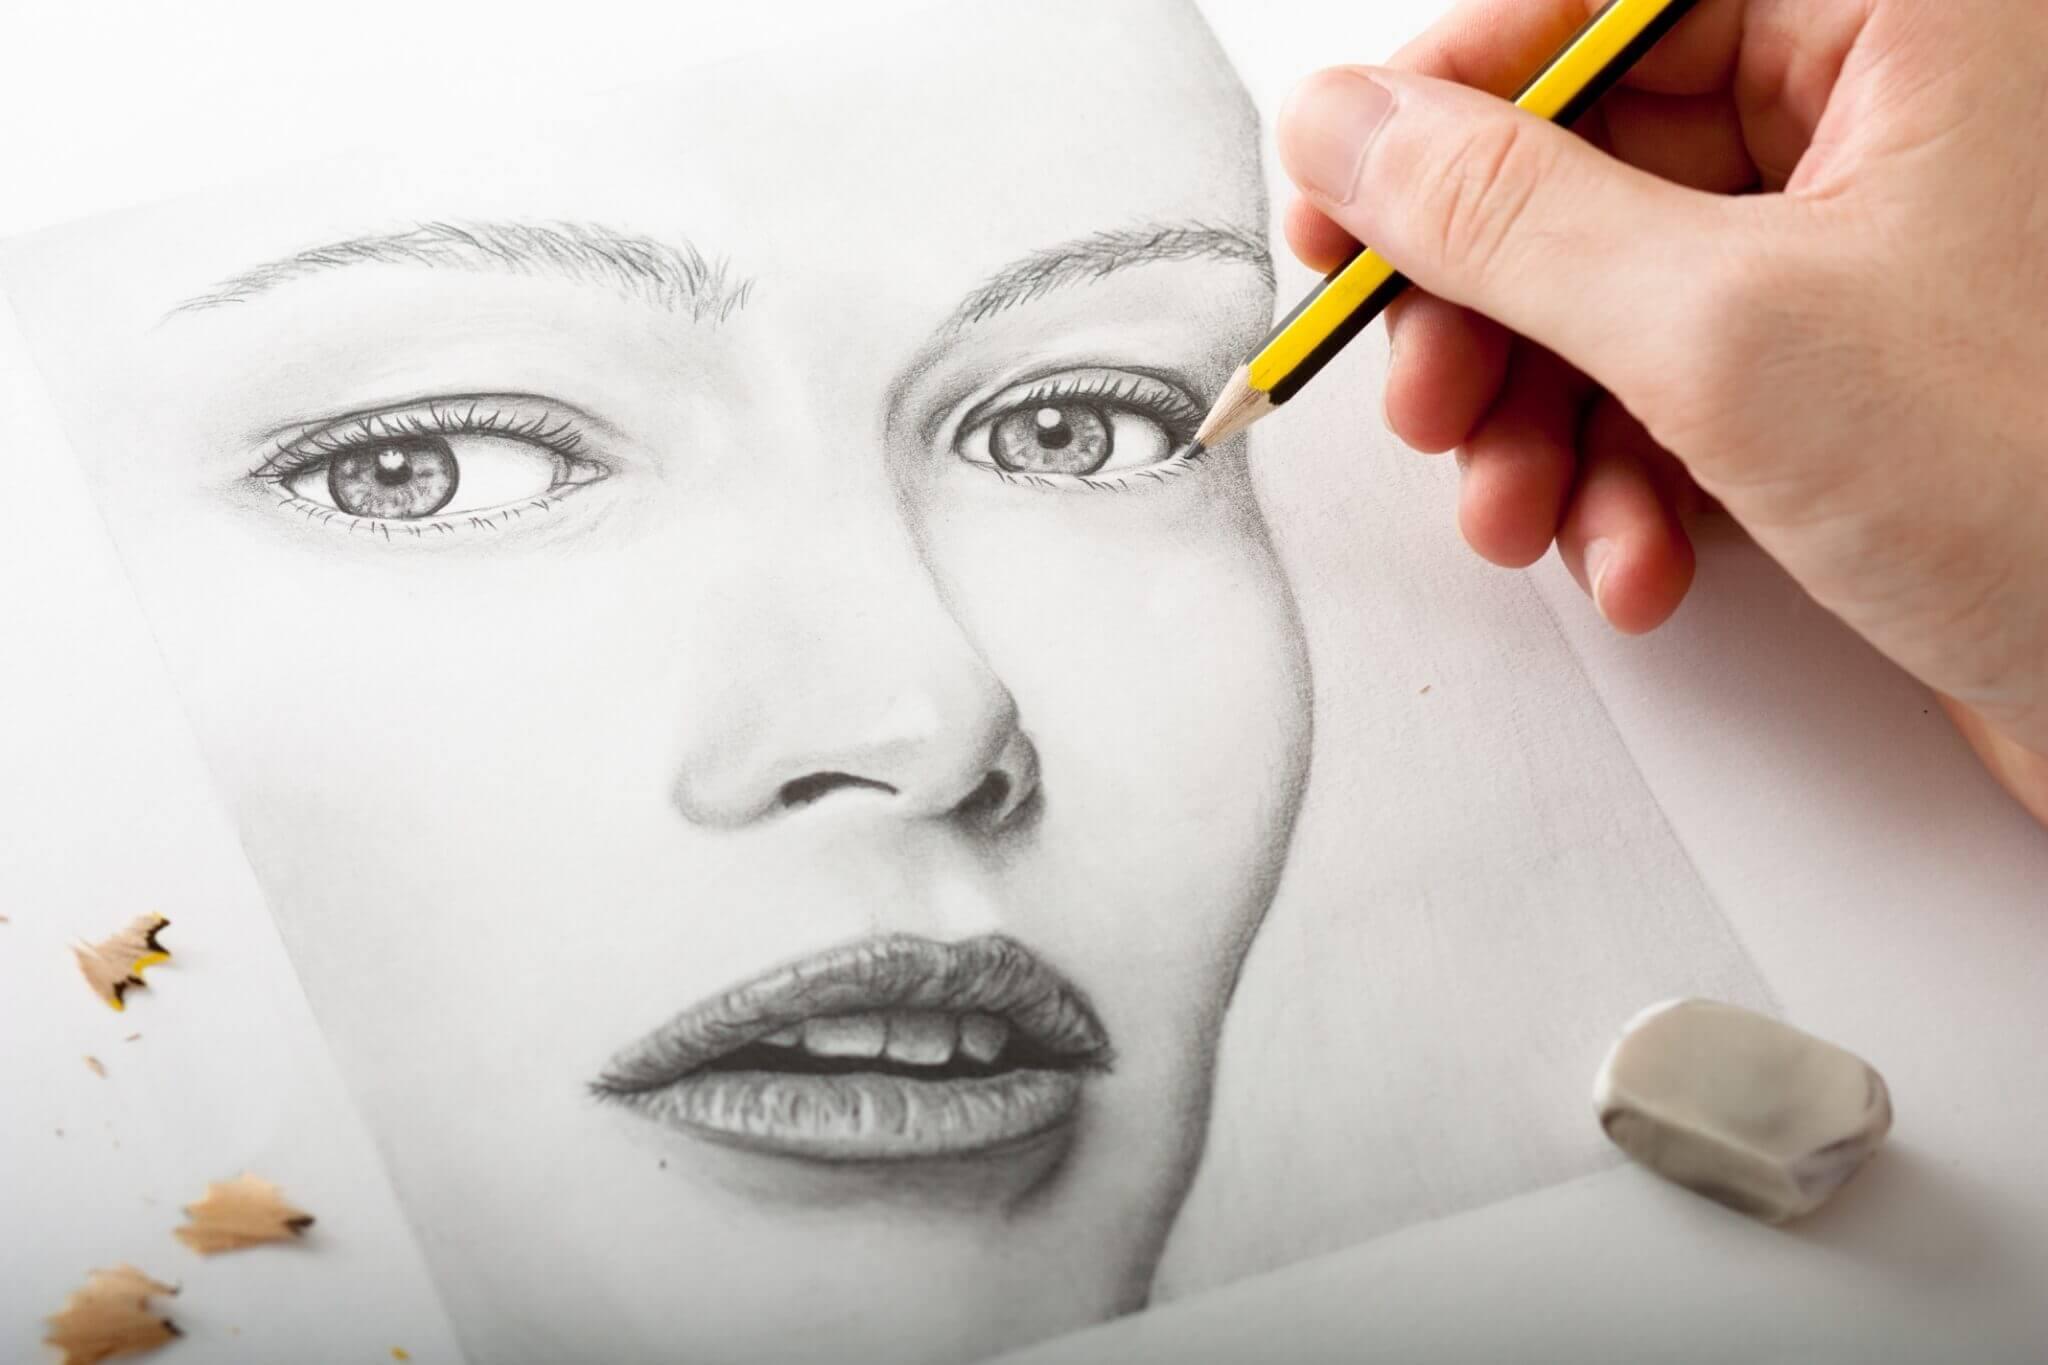 ไอเดียของขวัญวันวาเลนไทน์ 2021 วันแห่งความรัก รูปวาด portrait